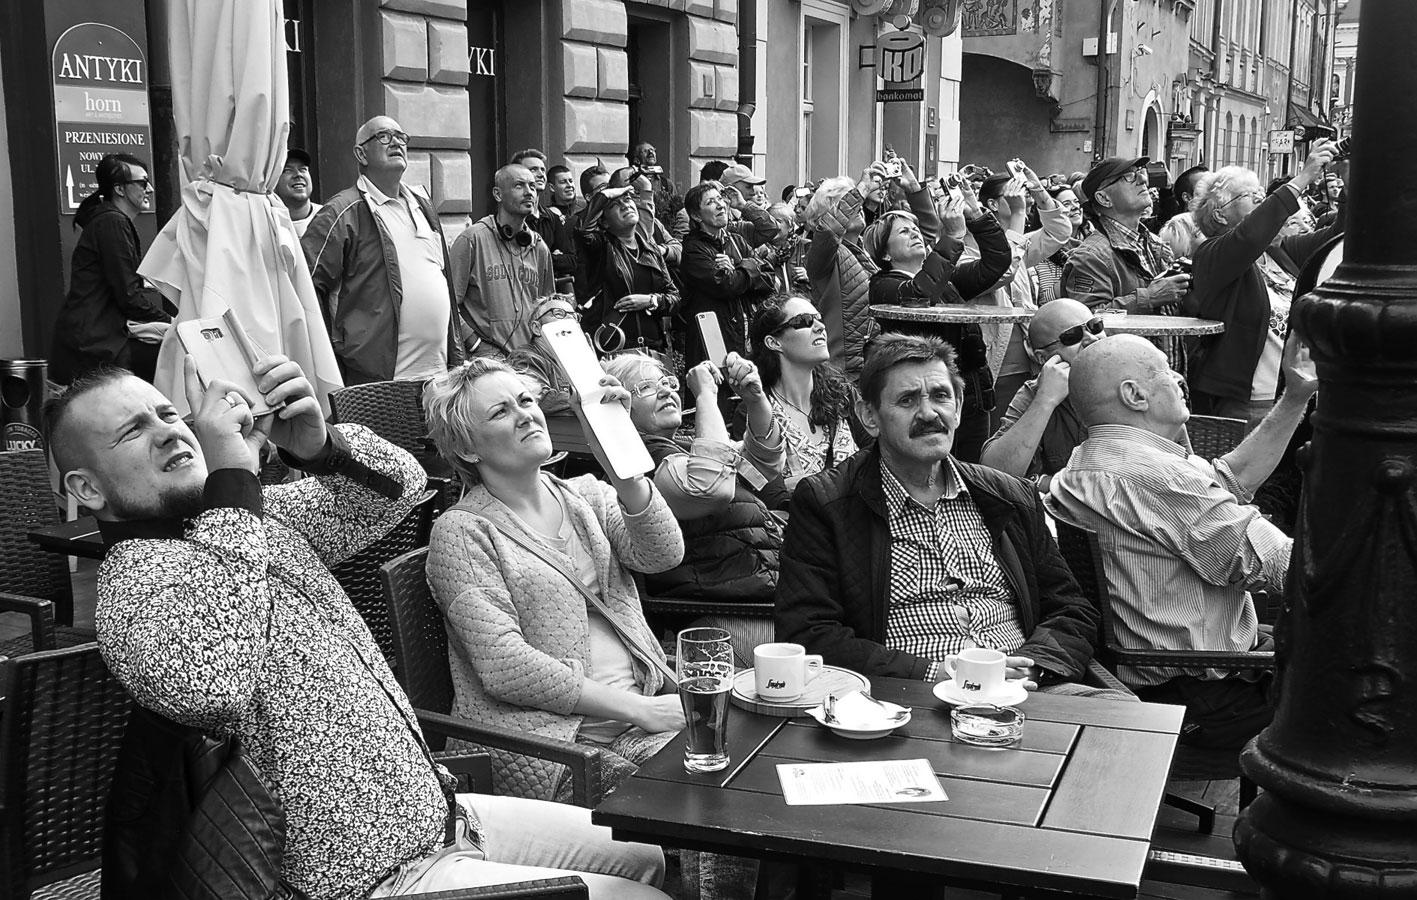 На что ты смотришь? Познань, Польша, © Ричард Морган, Победитель конкурса, Фотоконкурс «Городской фотограф года» — CBRE Urban Photographer of the Year